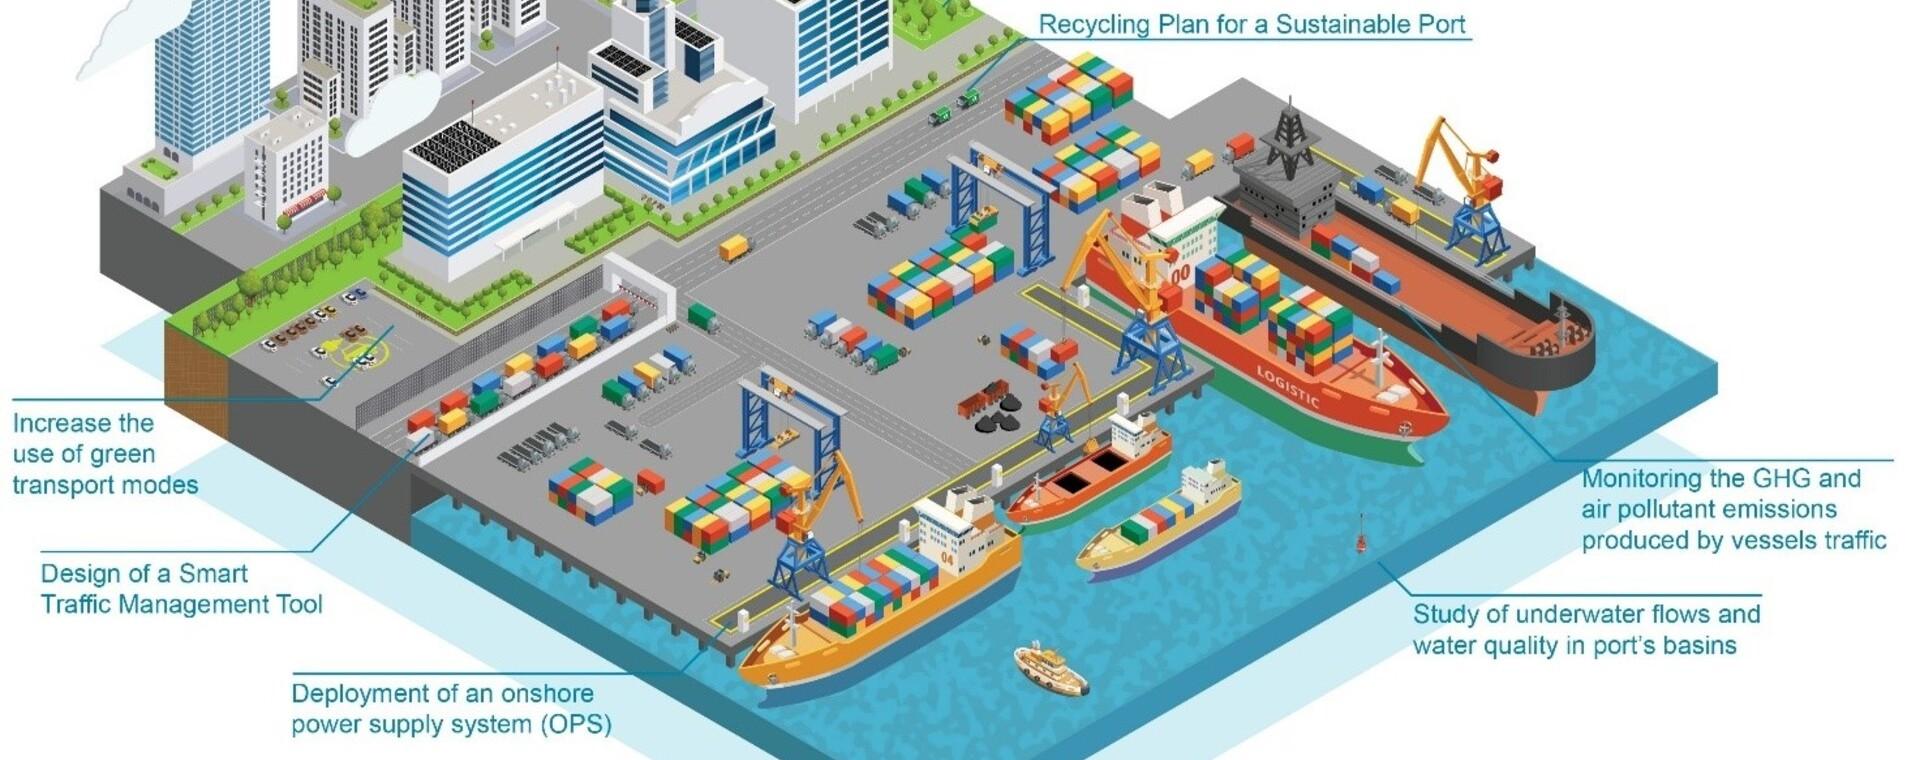 Porti sostenibili e a basse emissioni di carbonio